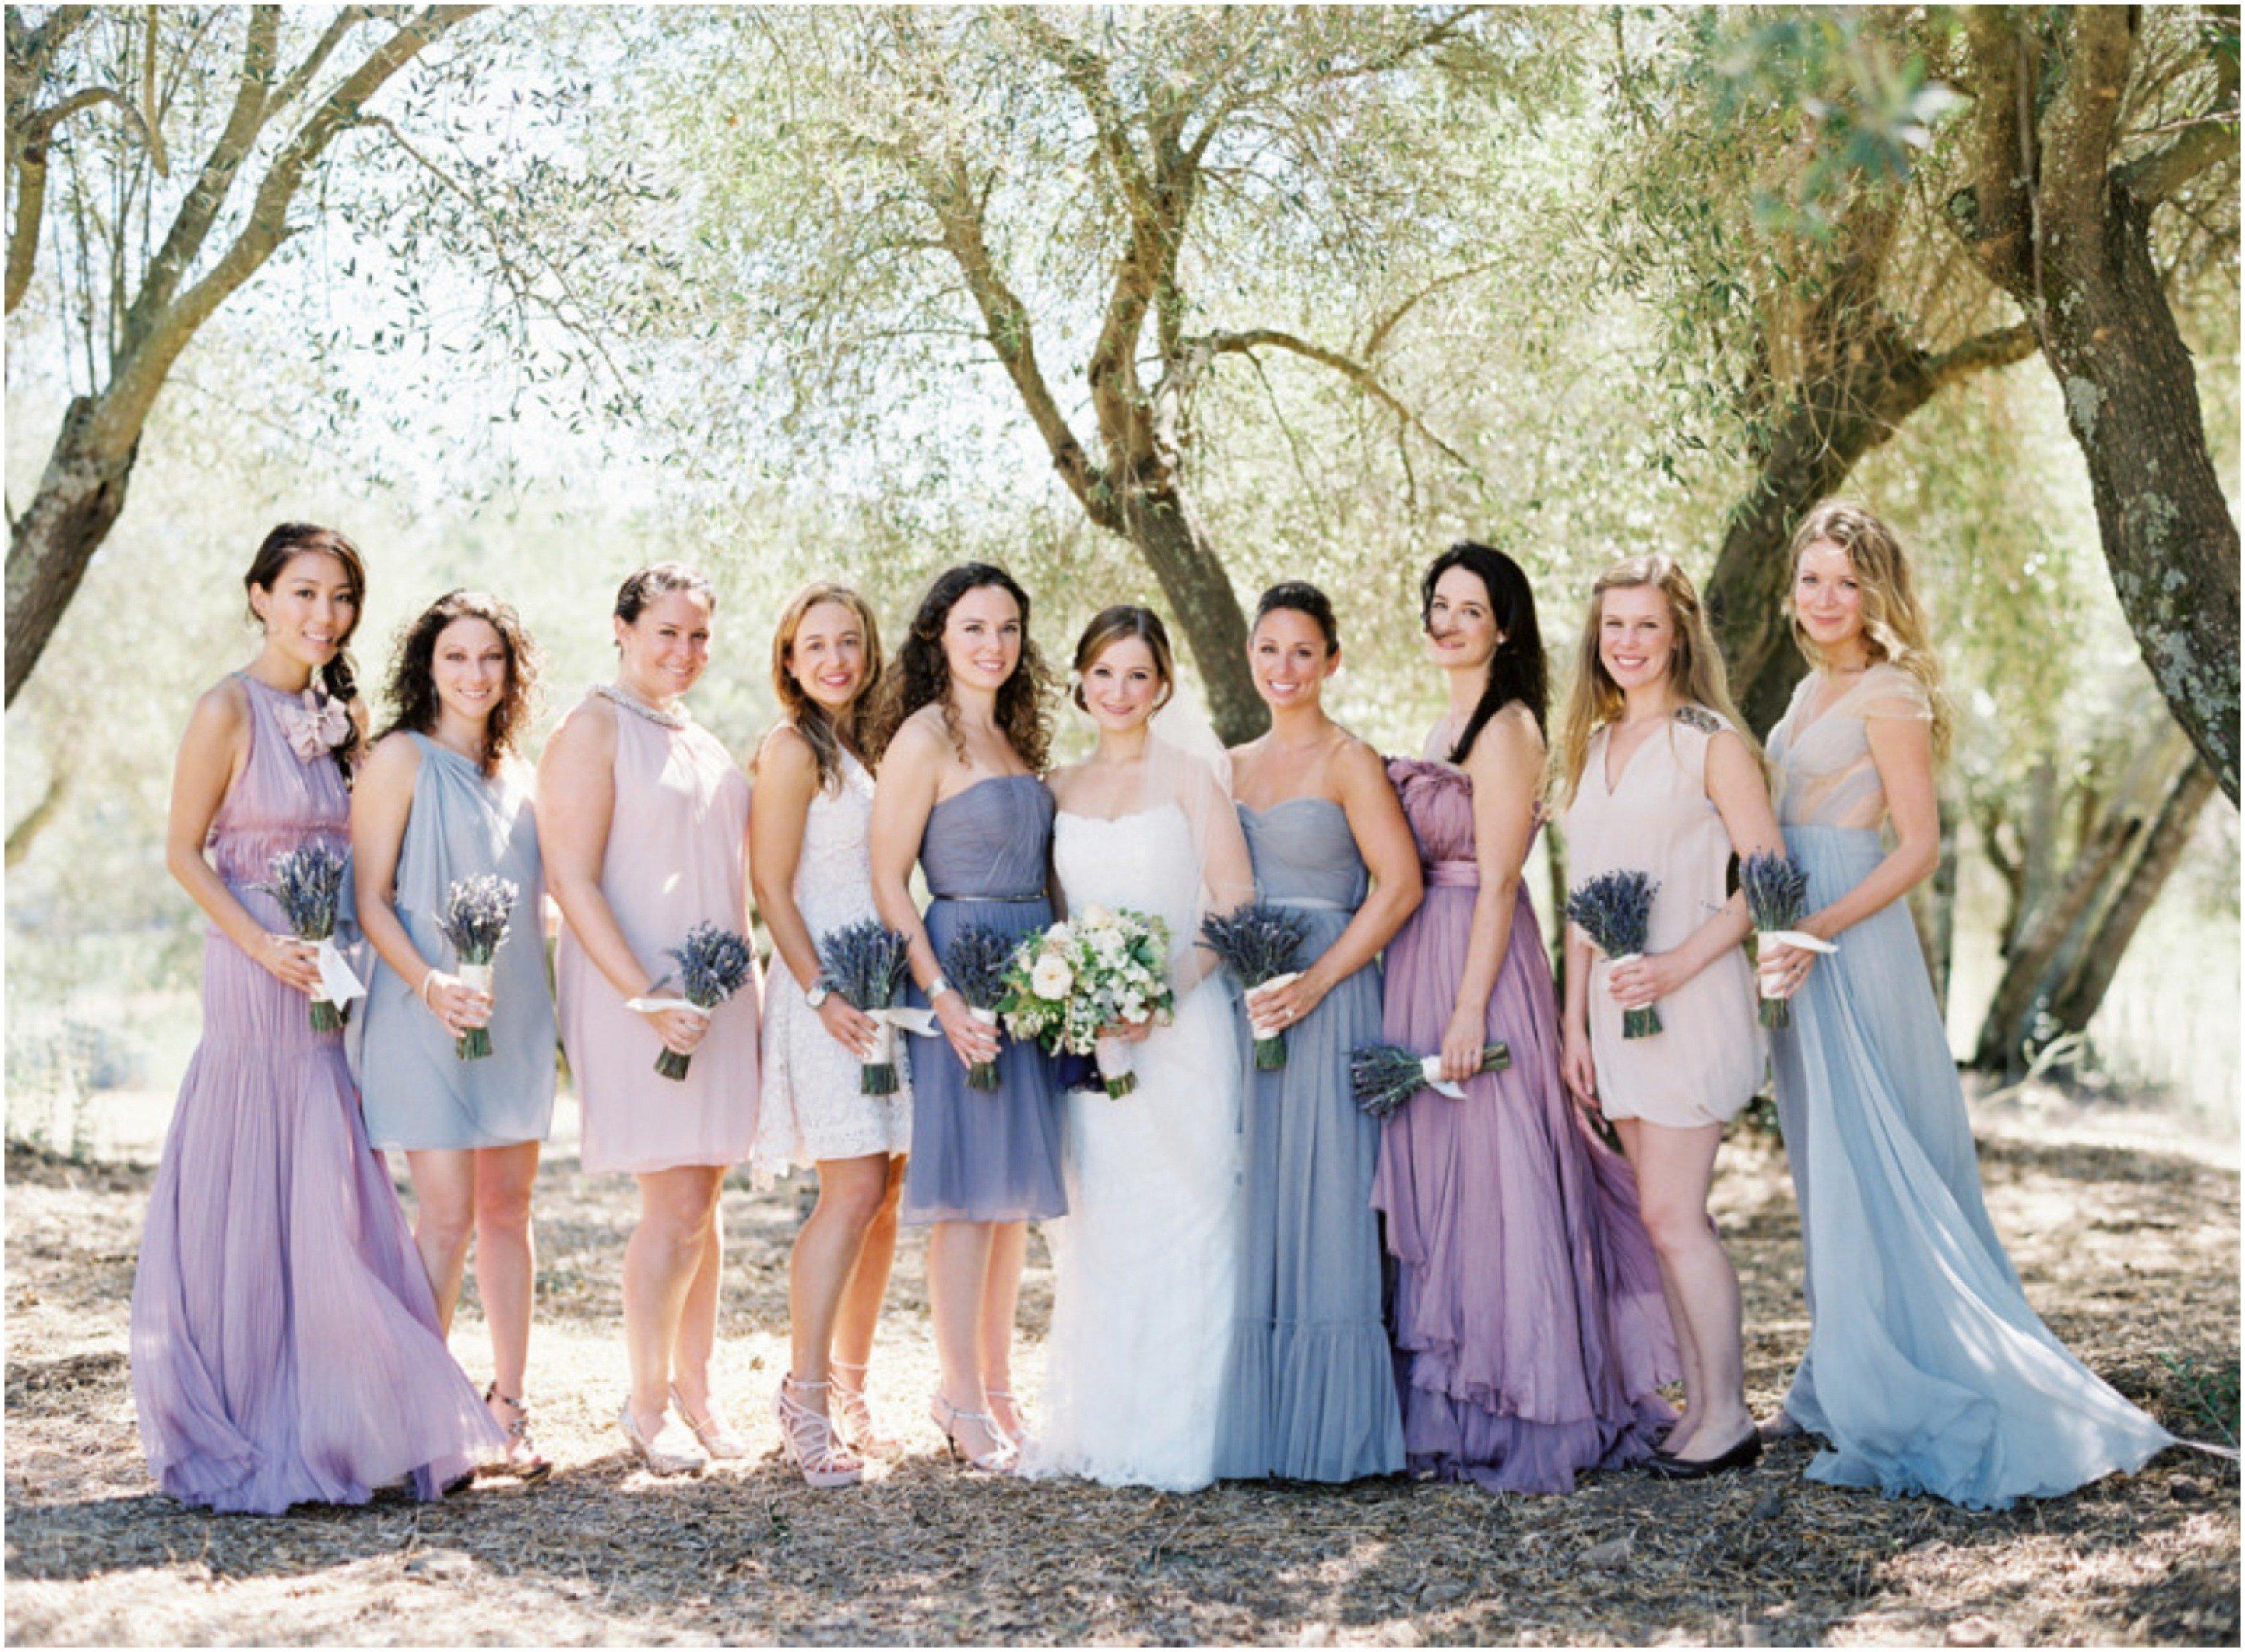 Auf die Länge von Brautkleid Kleid kommt es an – kurz oder lang